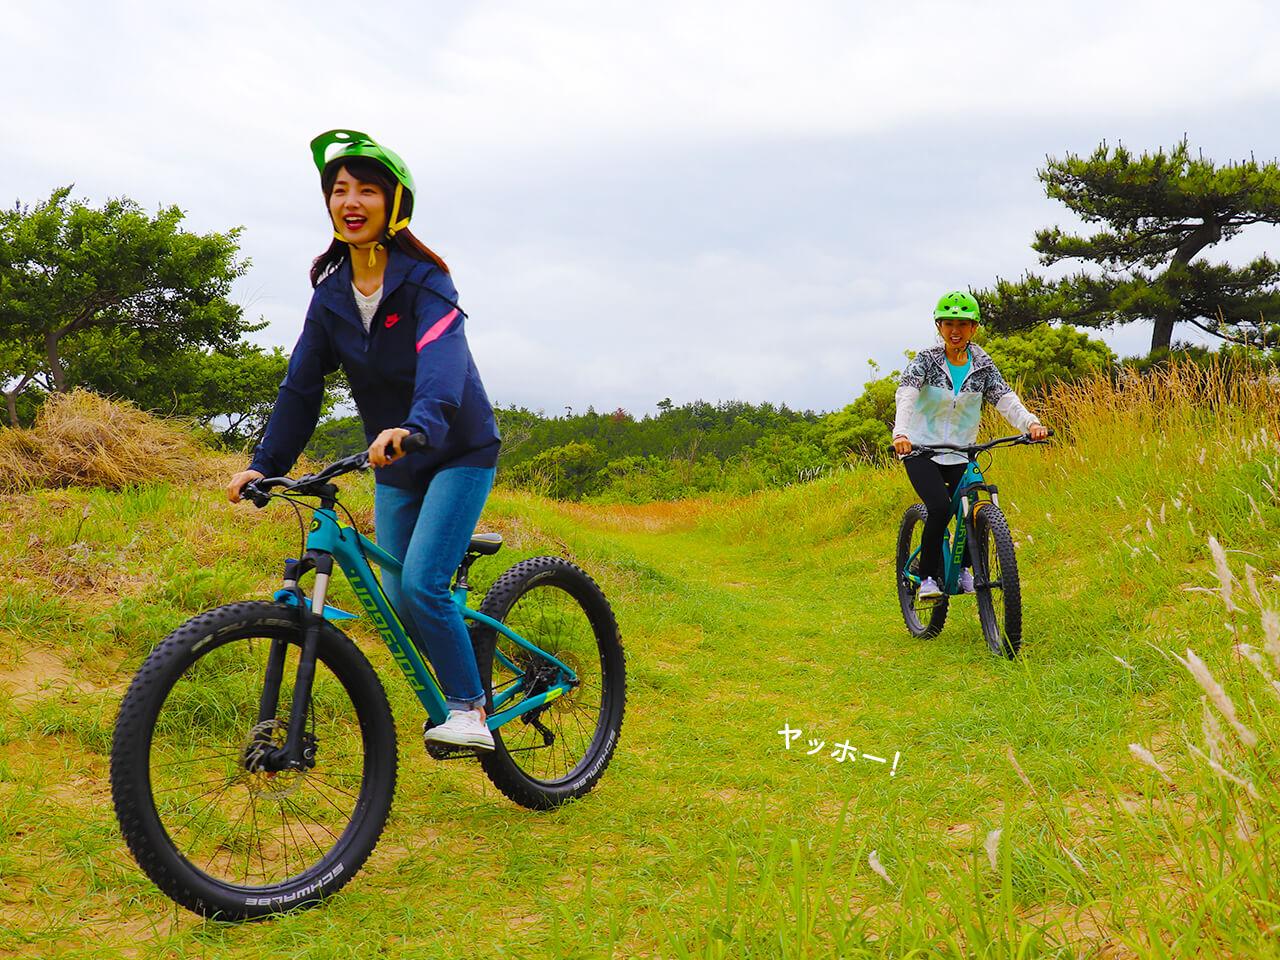 鳥取砂丘でファットバイク!